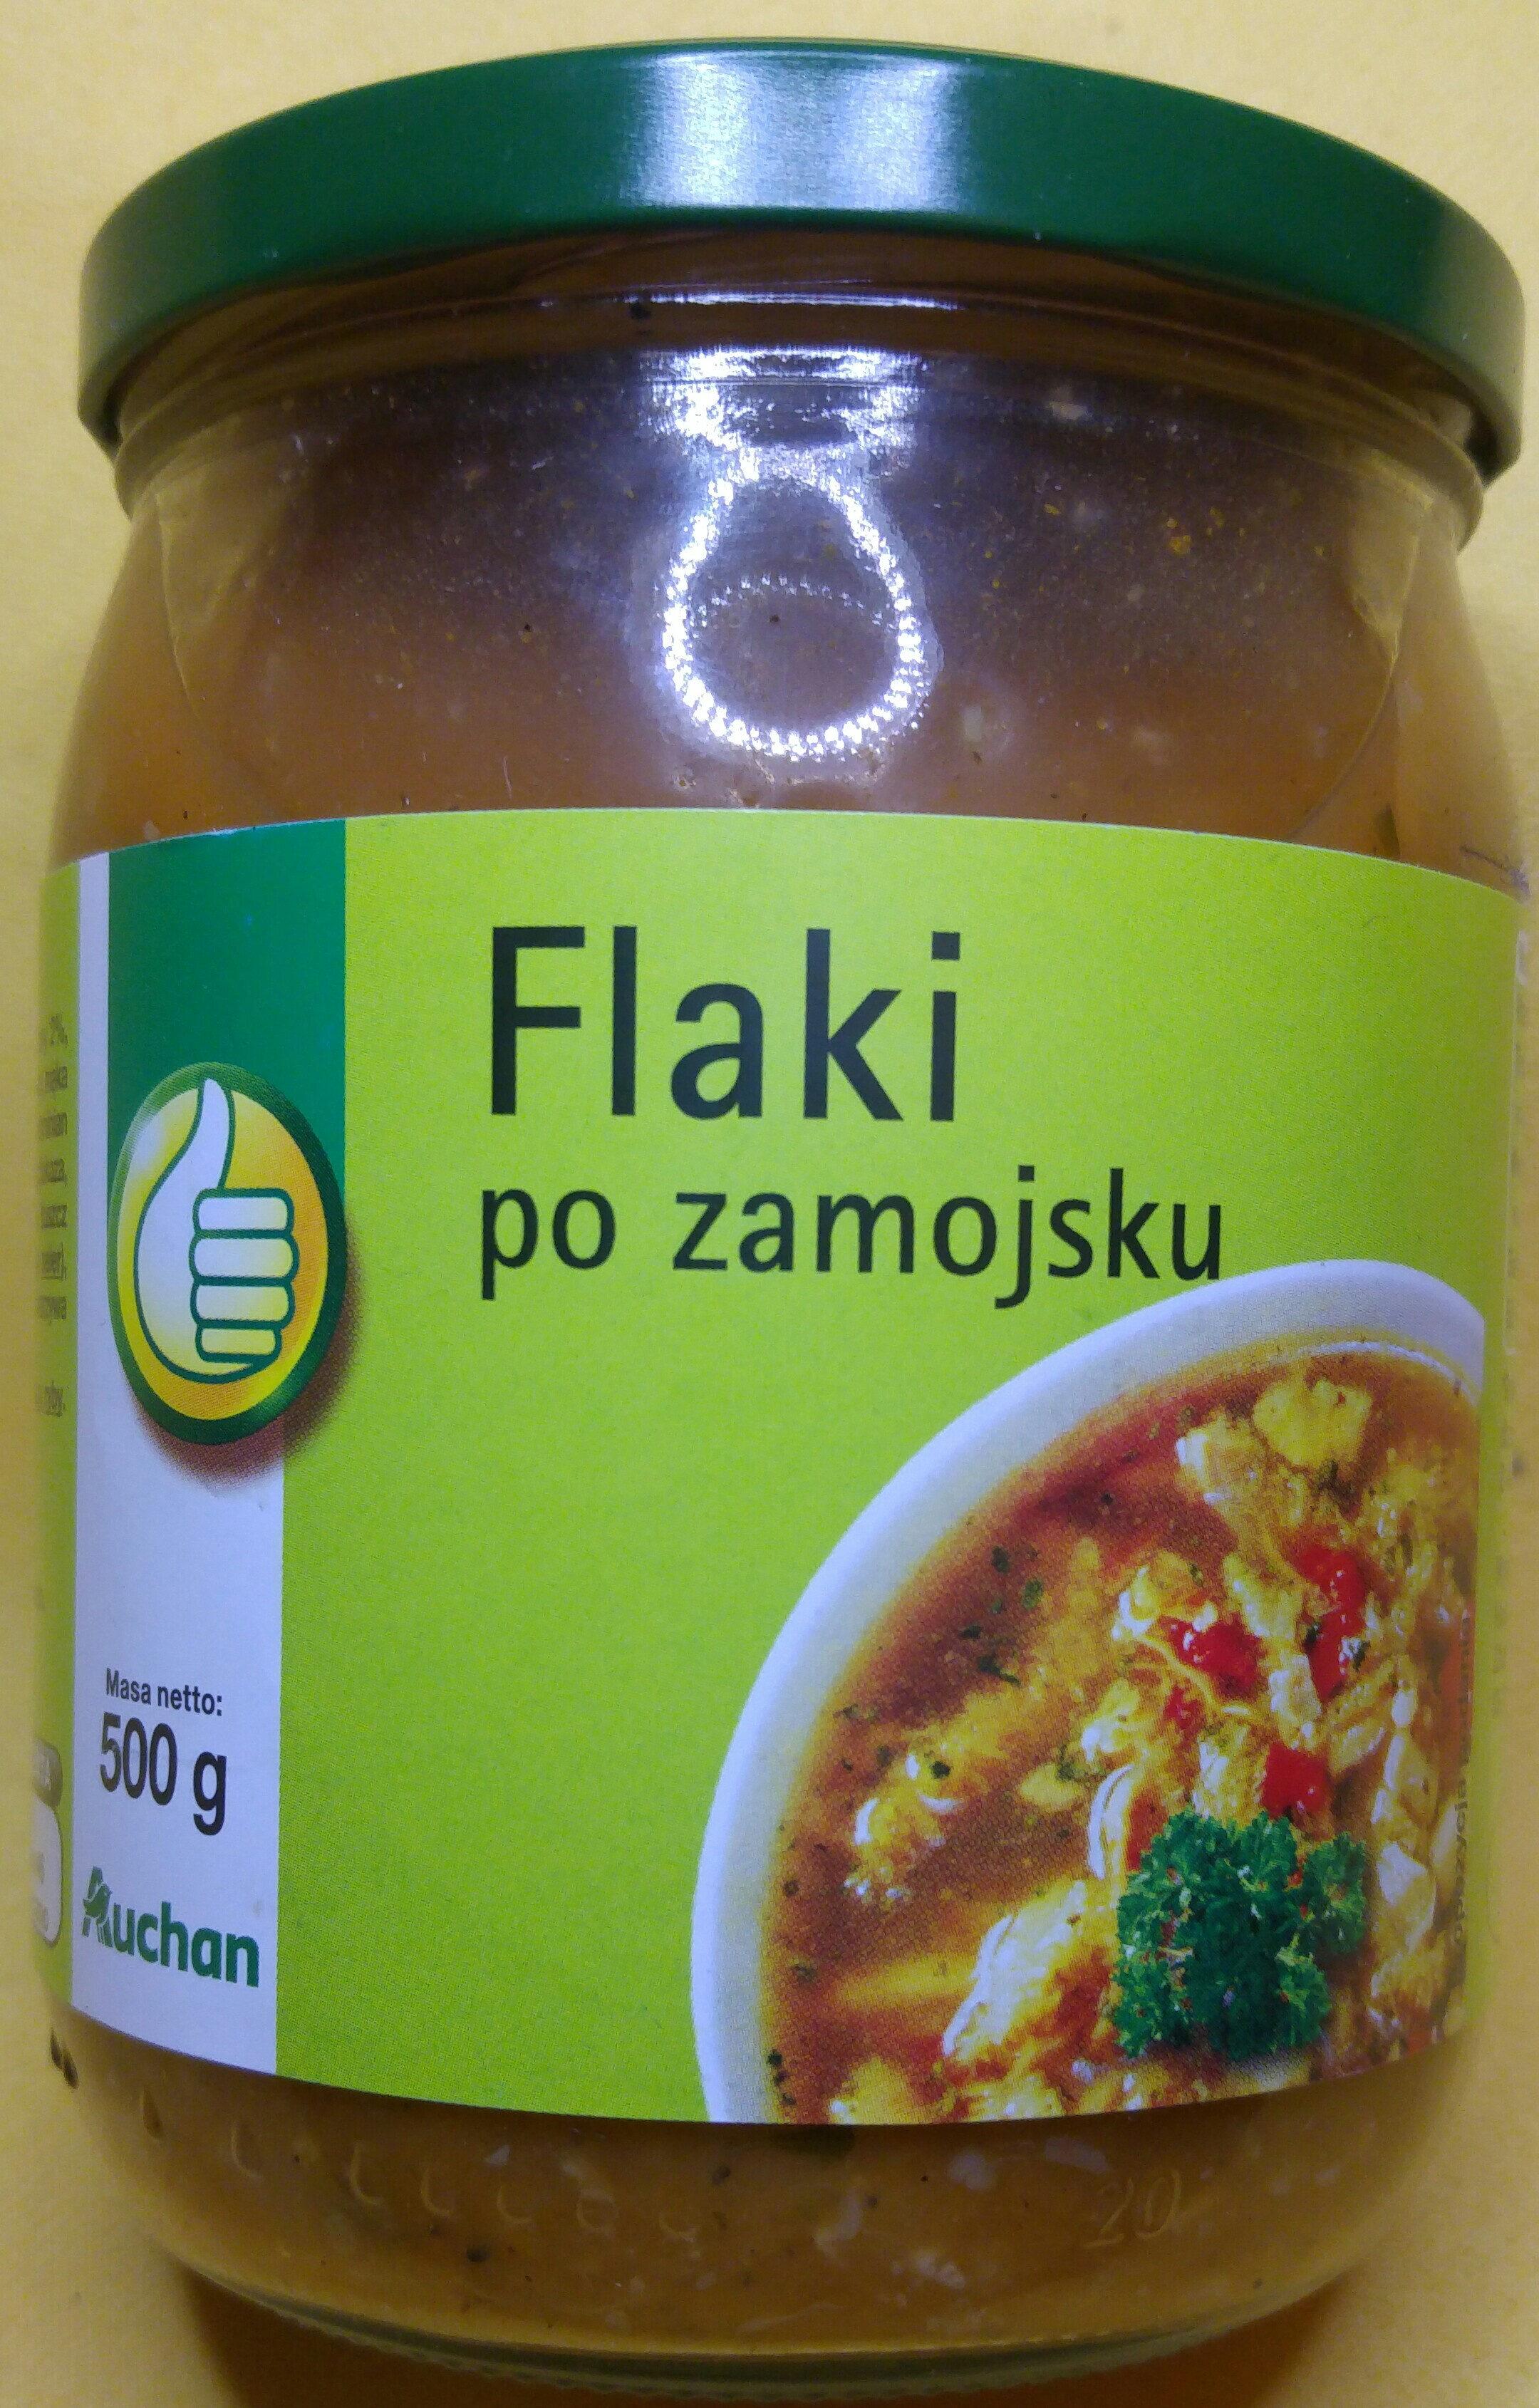 Flaki po zamojski - flaki wołowe w sosie pomidorowym. - Product